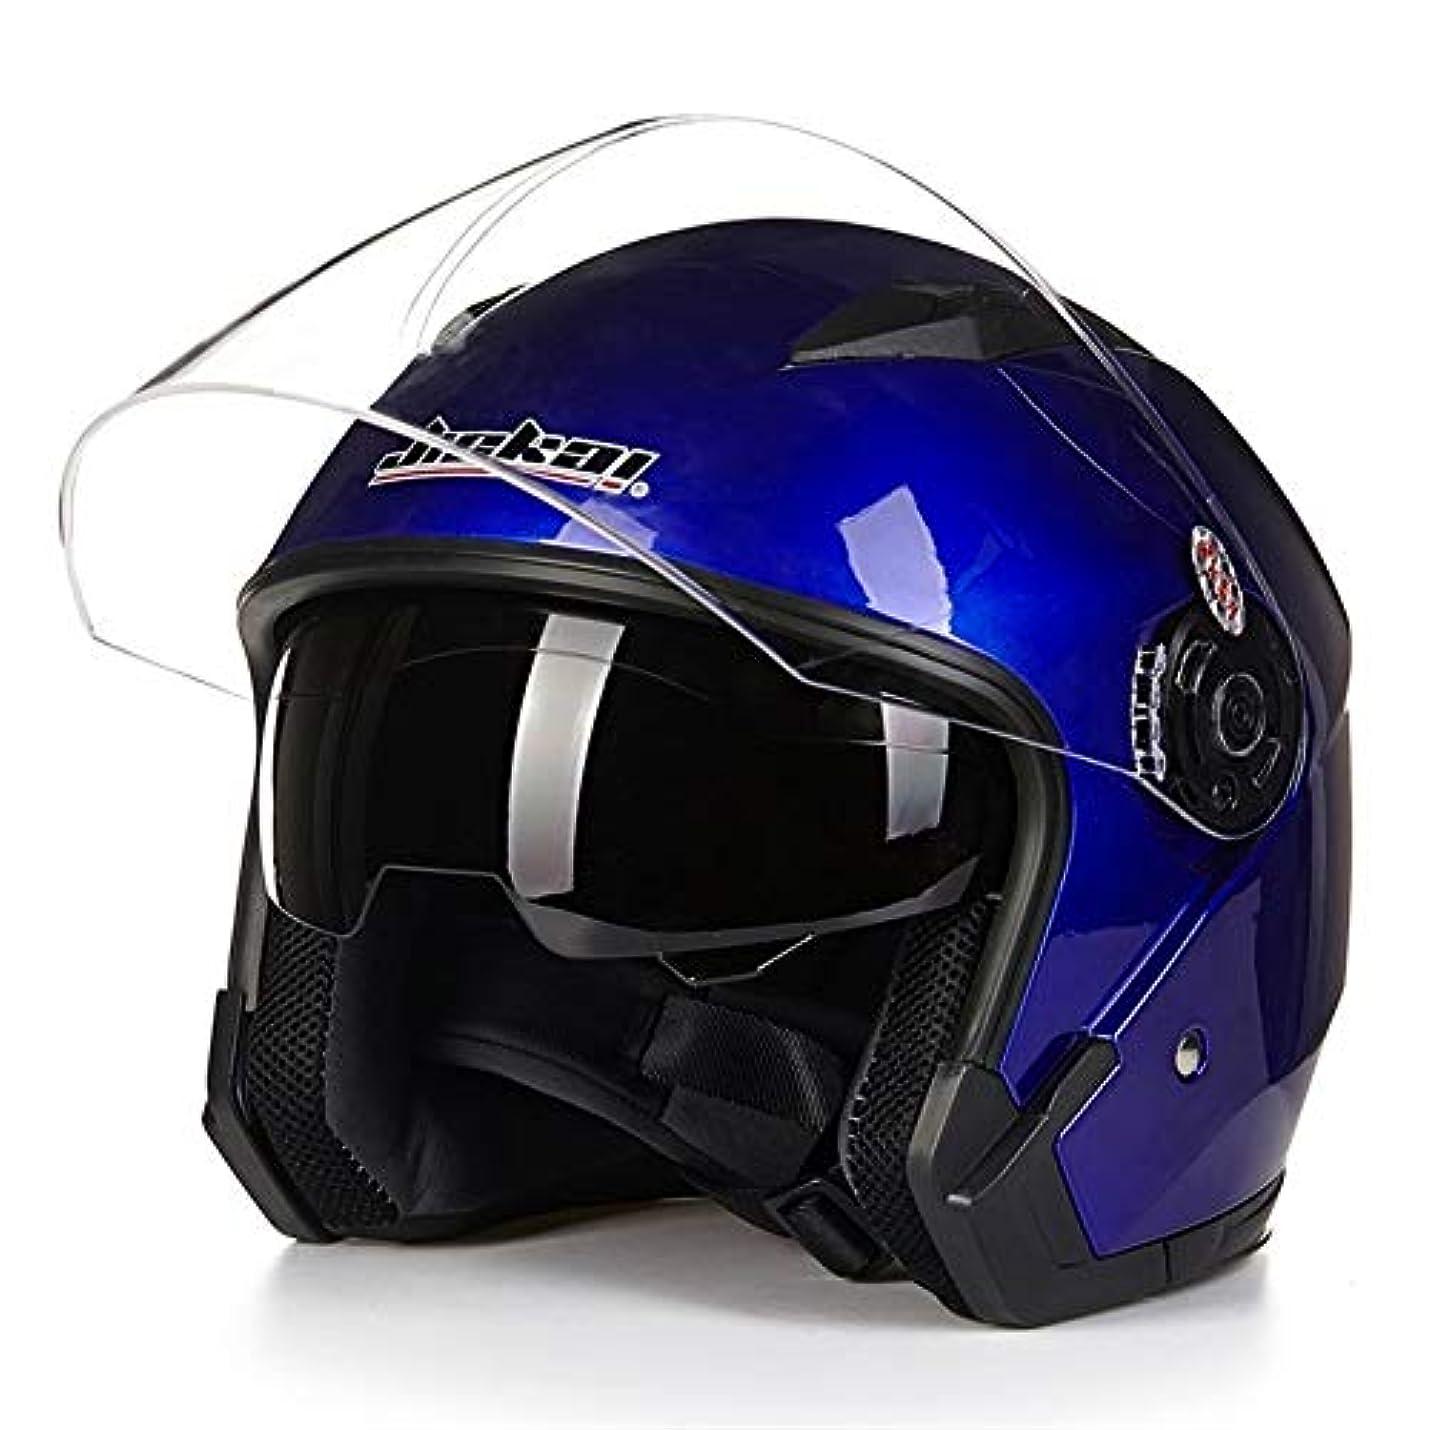 名義で魅力わかるオートバイヘルメットメンズヘルメットフォーシーズンハーフカバーフェイスヘルメットカートレーシングオフロードダブルレンズ機関車防曇スタイル